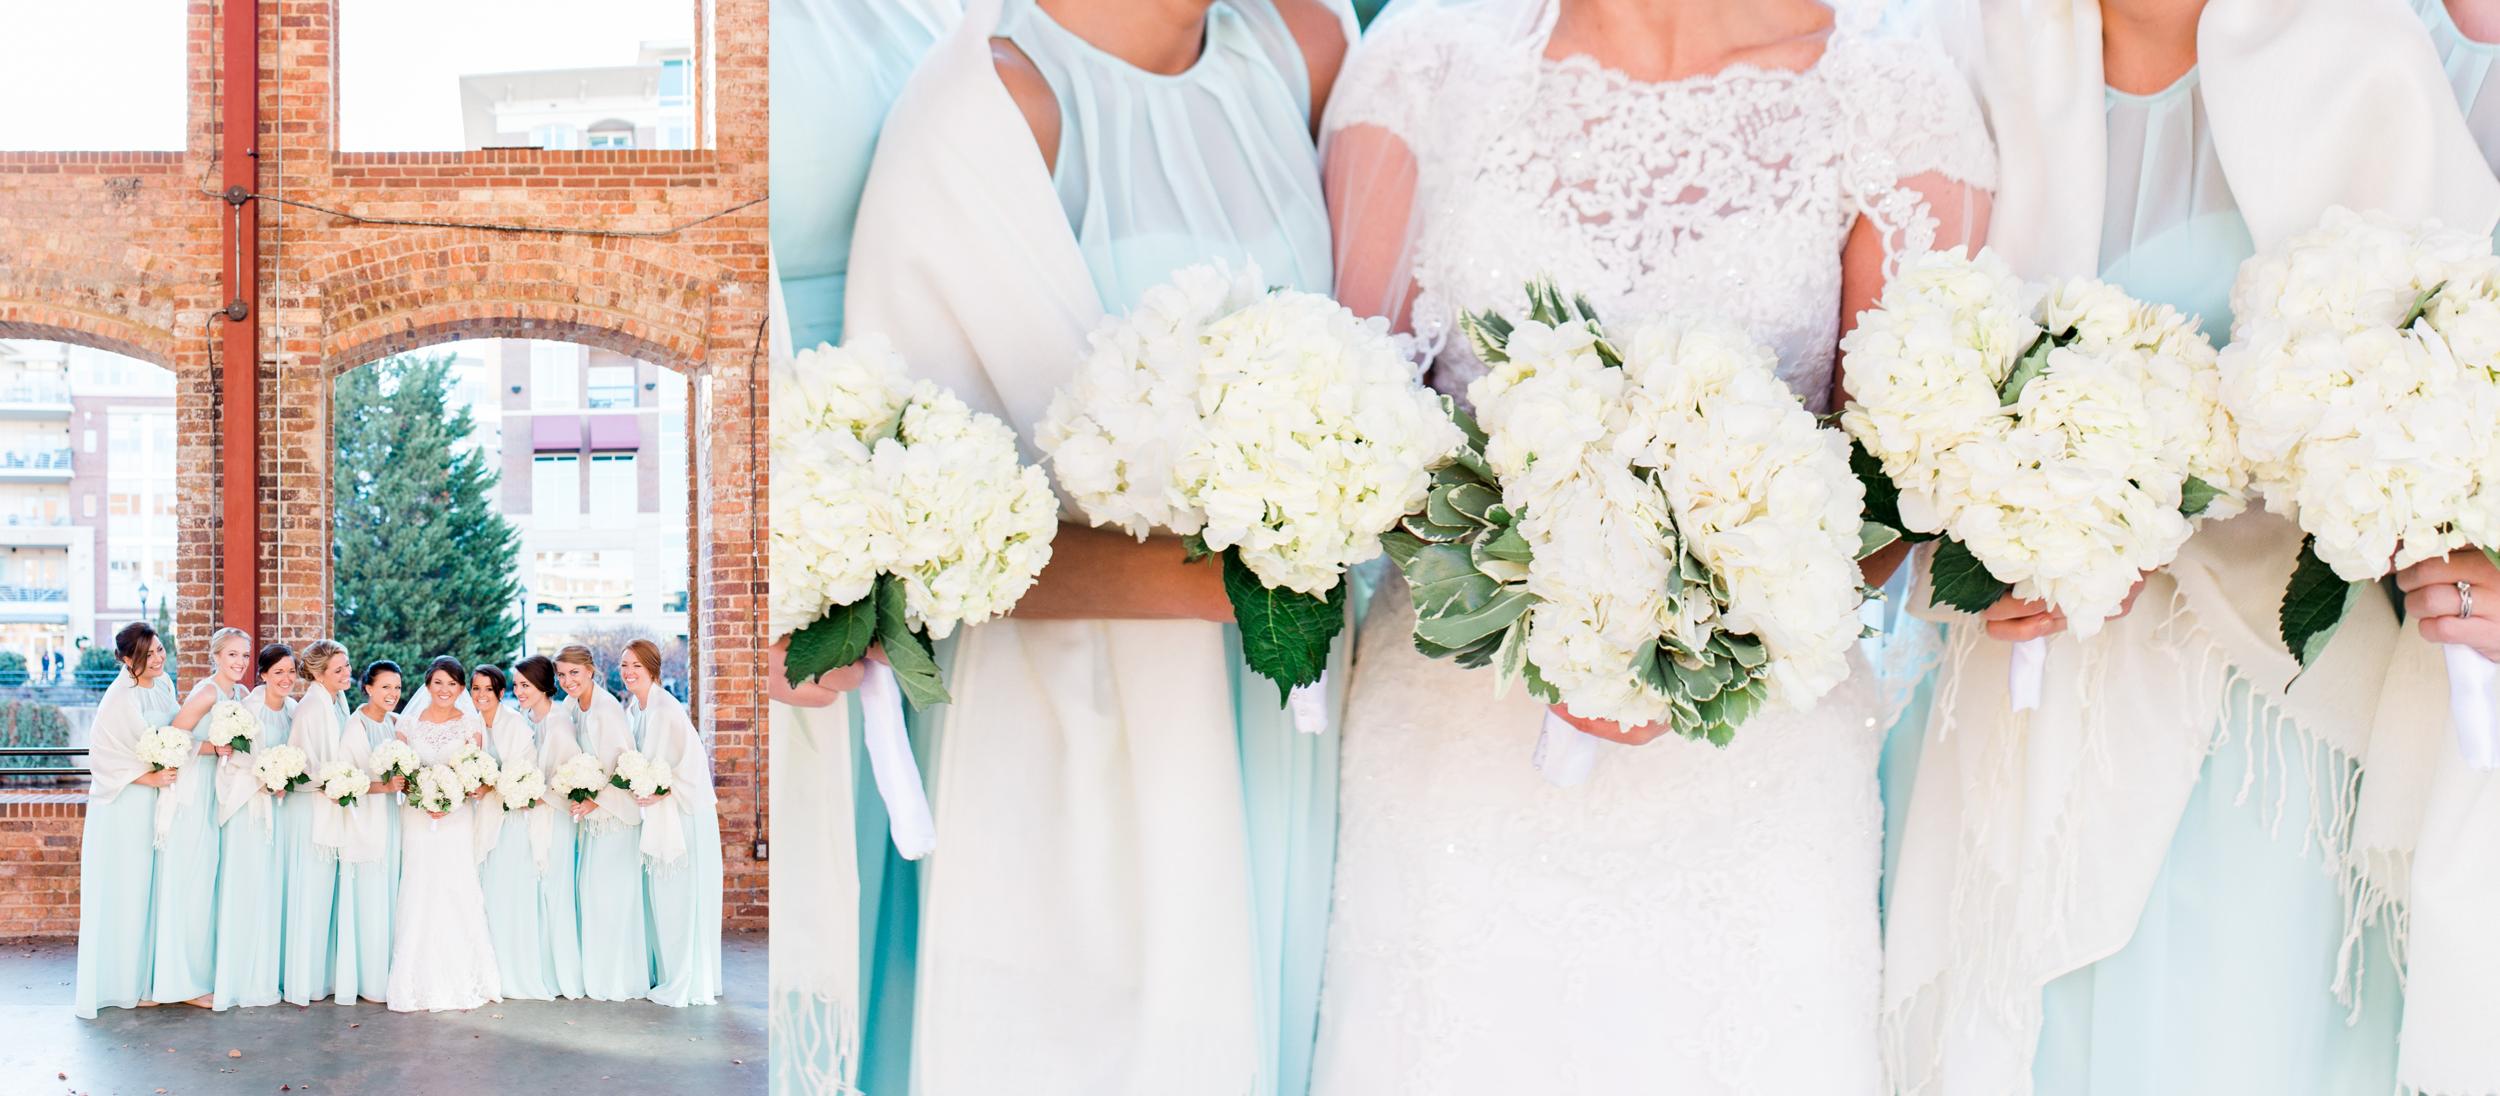 evans_portraits_bridesmaids.png